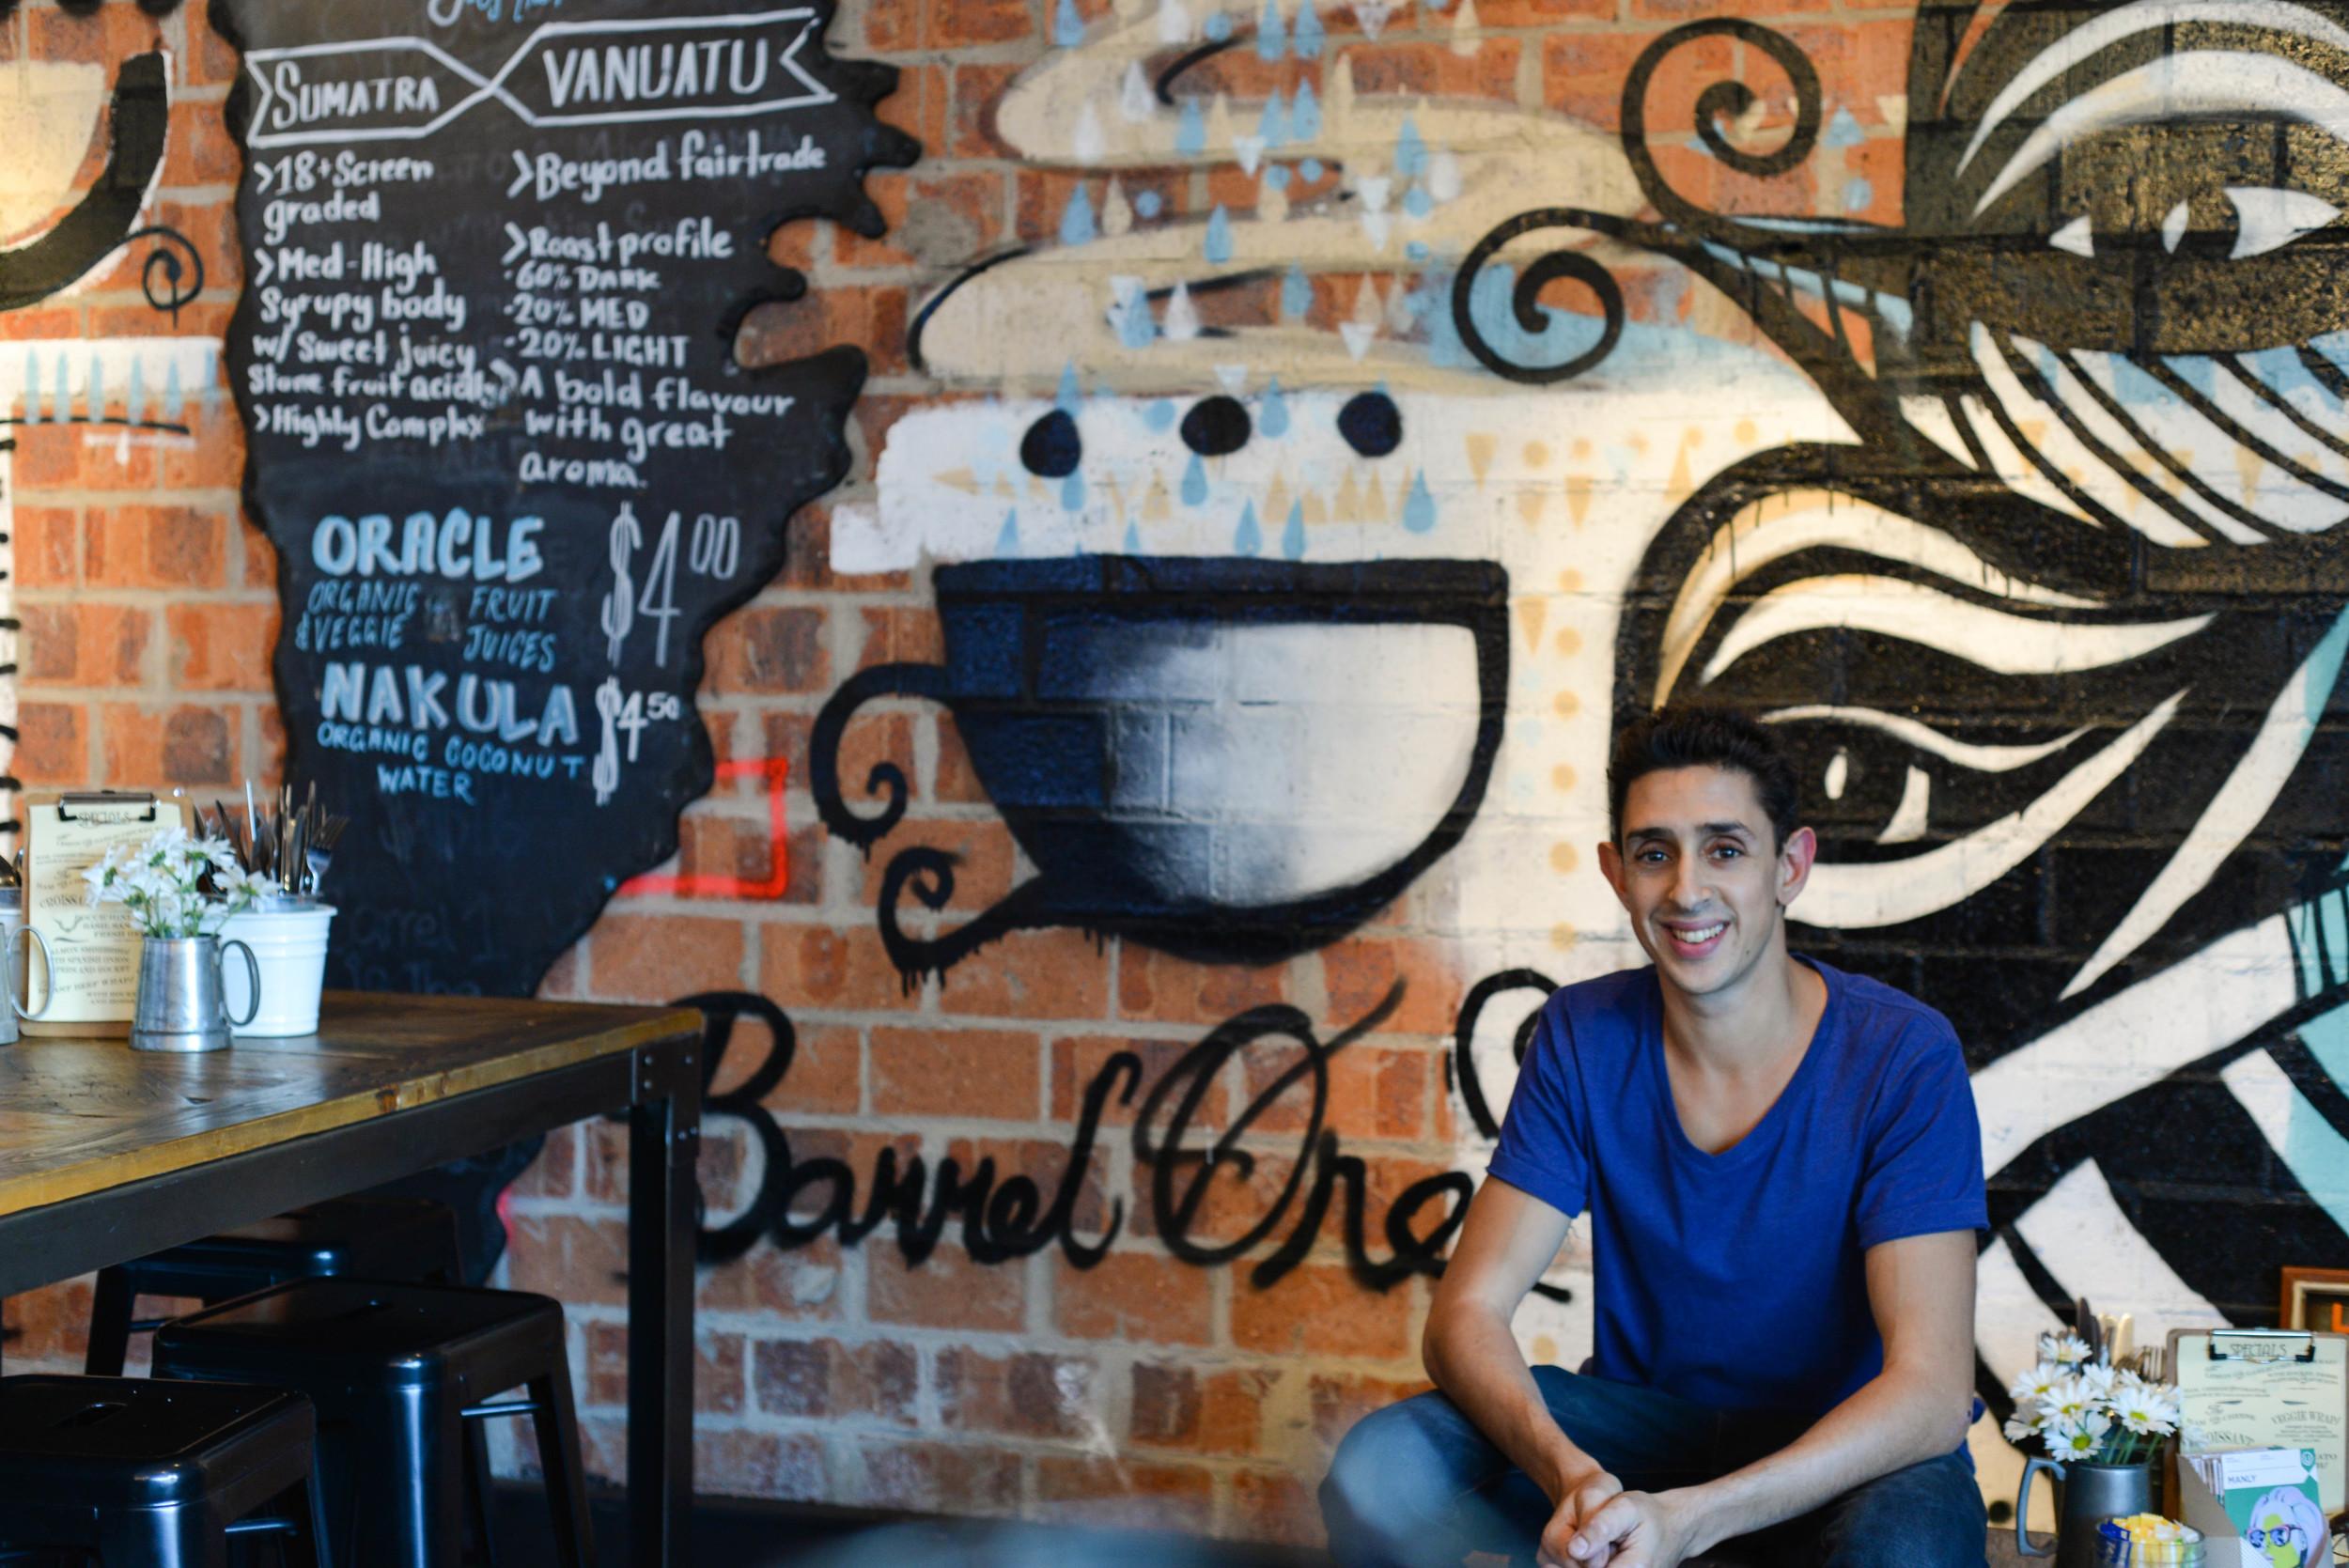 Dan from Barrel One Coffee Roasters